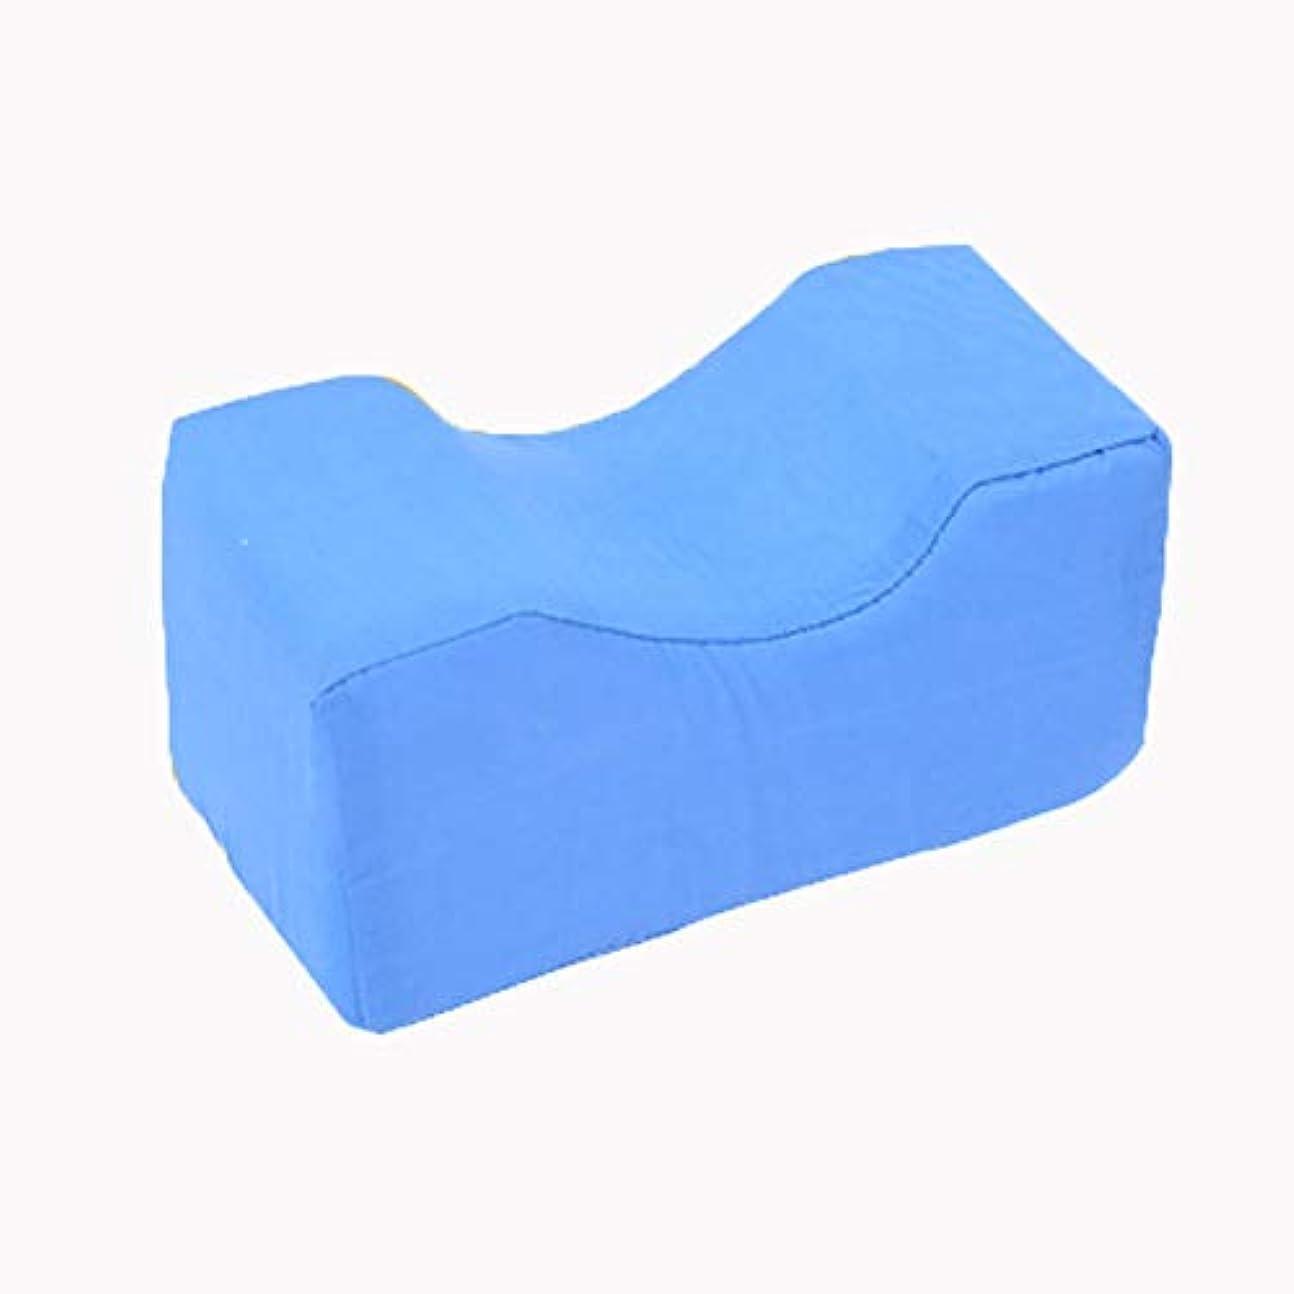 うれしいカウンターパート愚か泡脚リフトパッド、足首サポート、泡脚を覚えやすい、洗えるふた付き、手術、けが、休息のための枕をサポートし、上げる (ブルー)